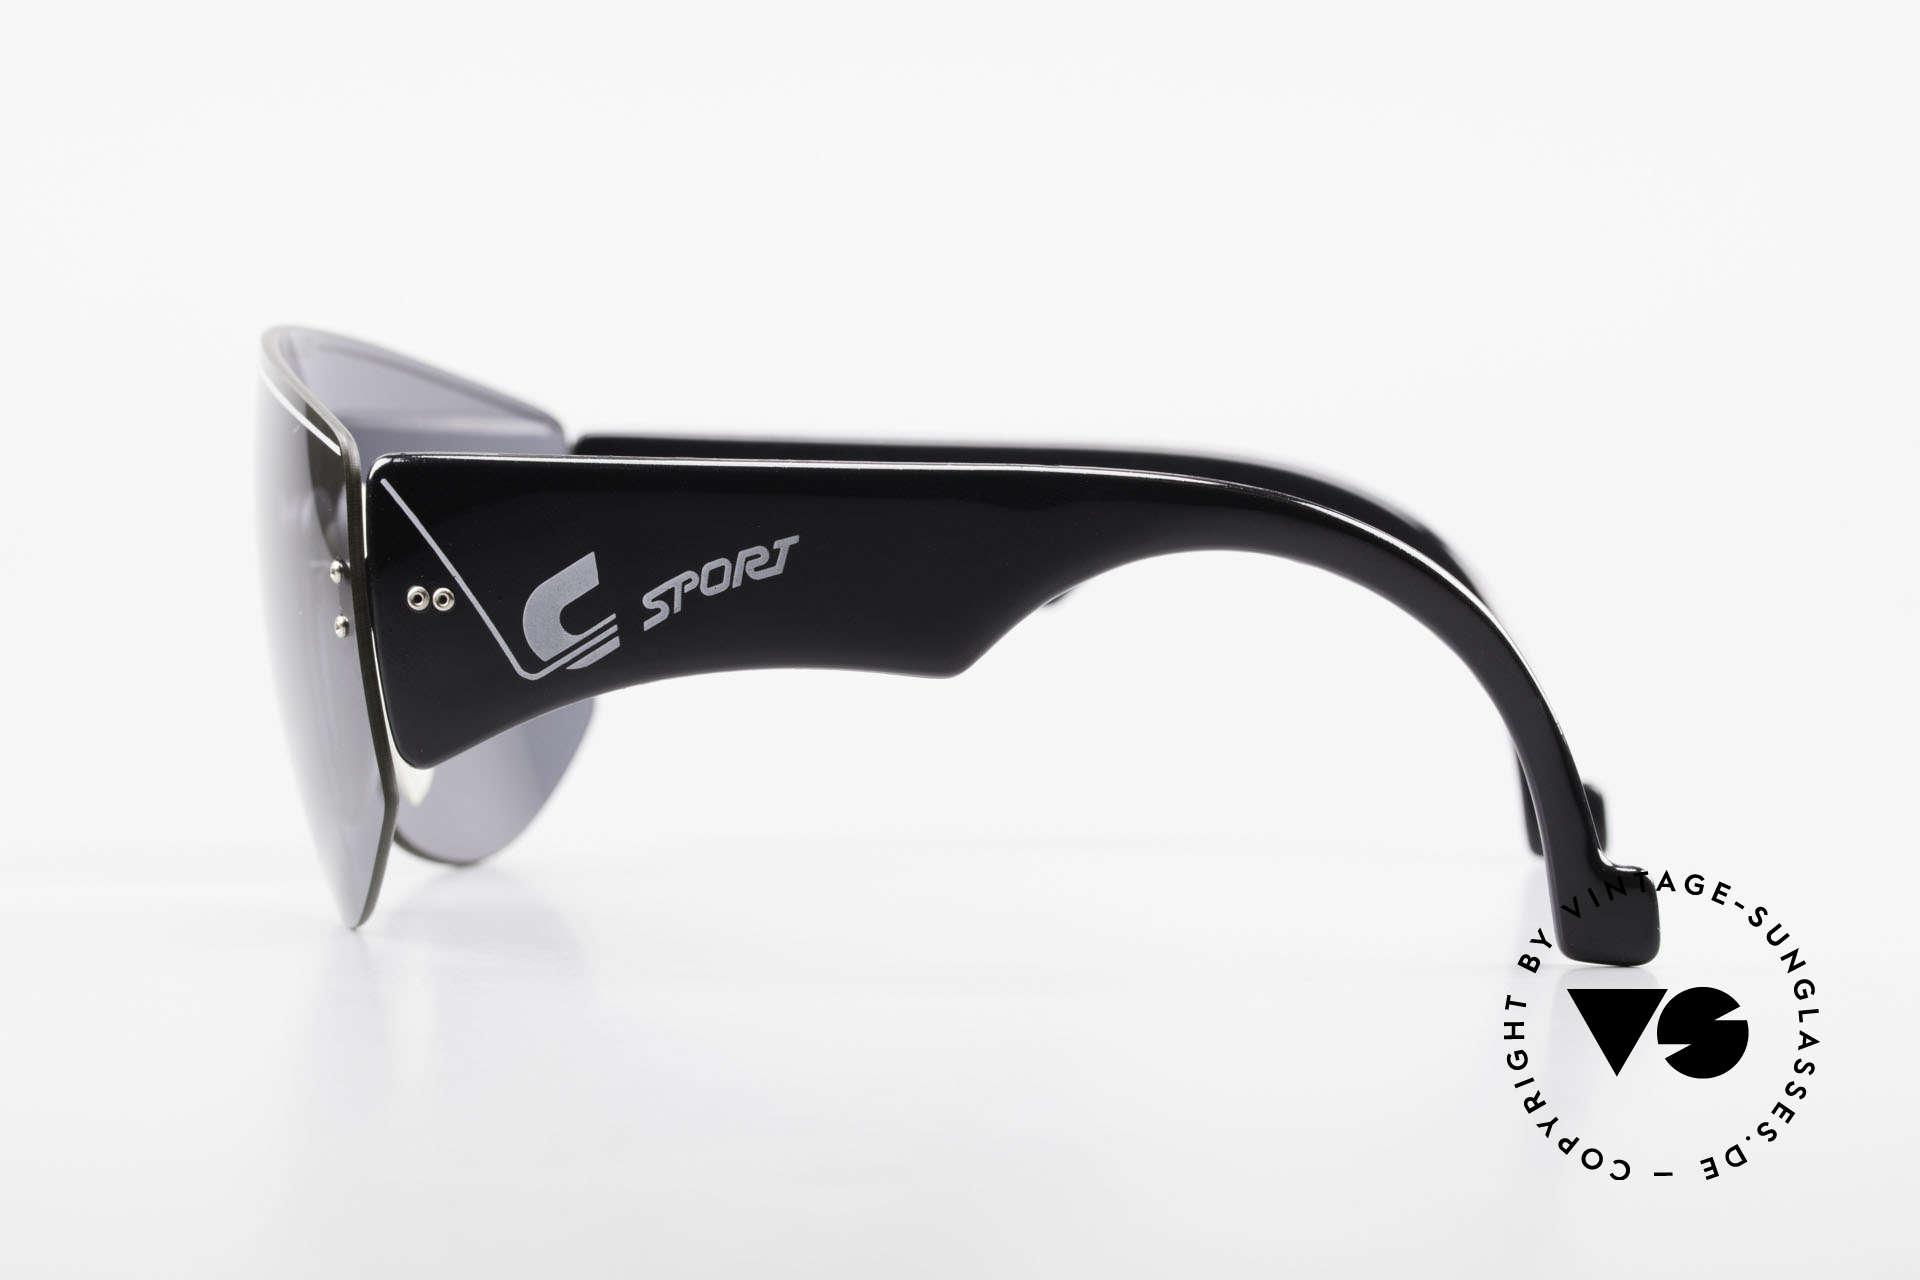 Carrera 5414 Rare Sport Sonnenbrille 90er, 100% UV Schutz (dank Panorama View und C80 lens), Passend für Herren